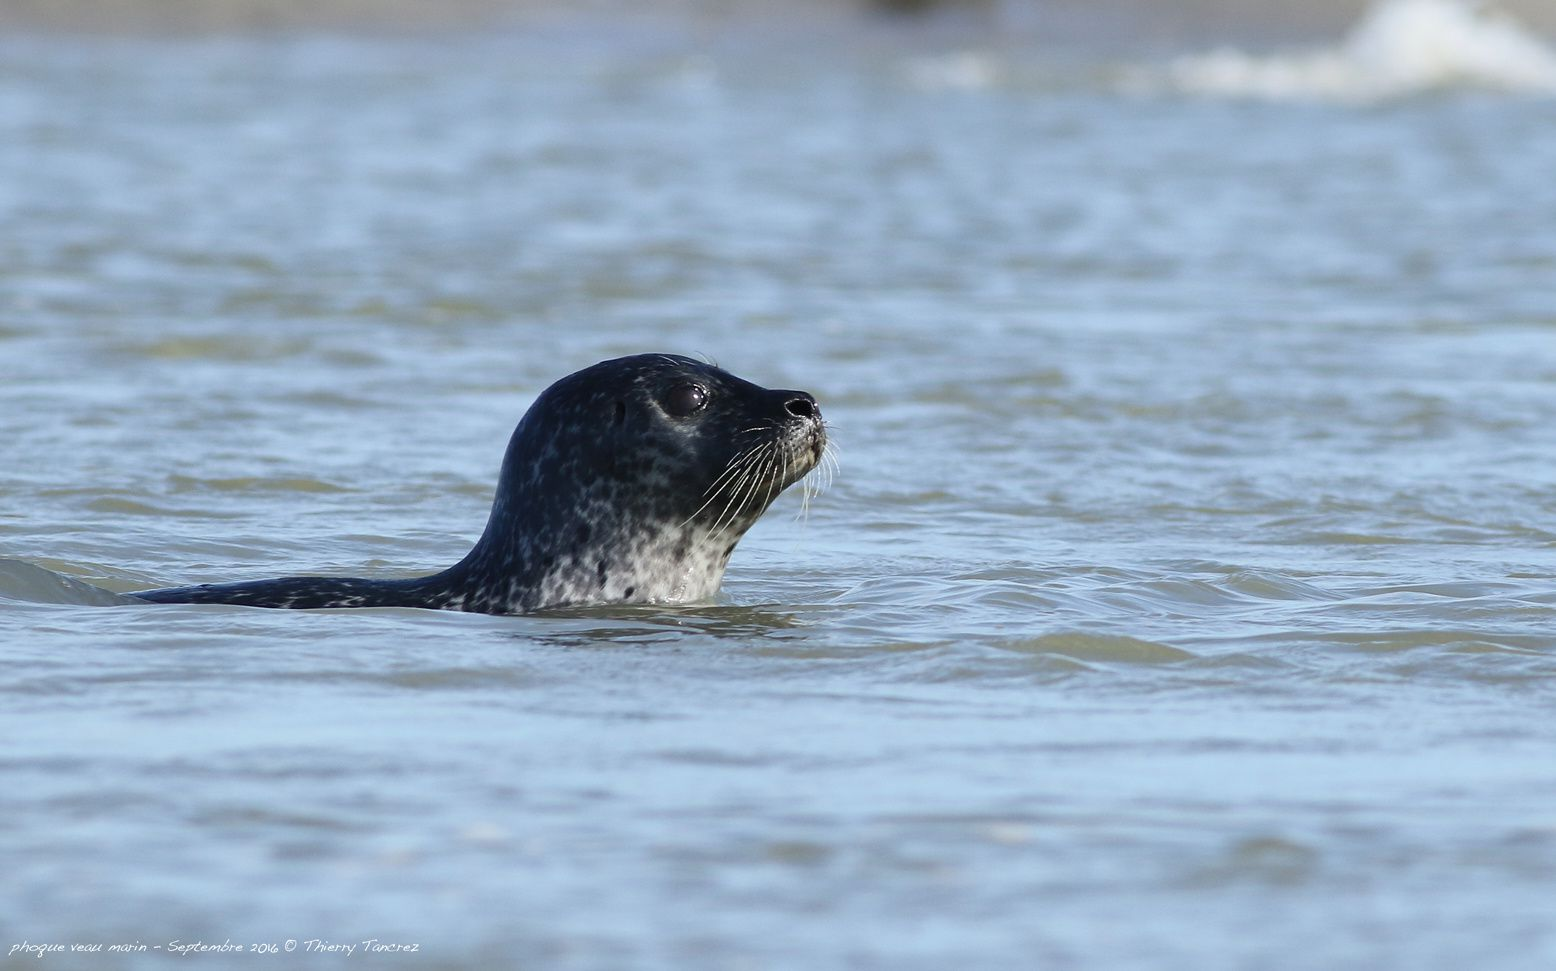 Les phoques veau marin